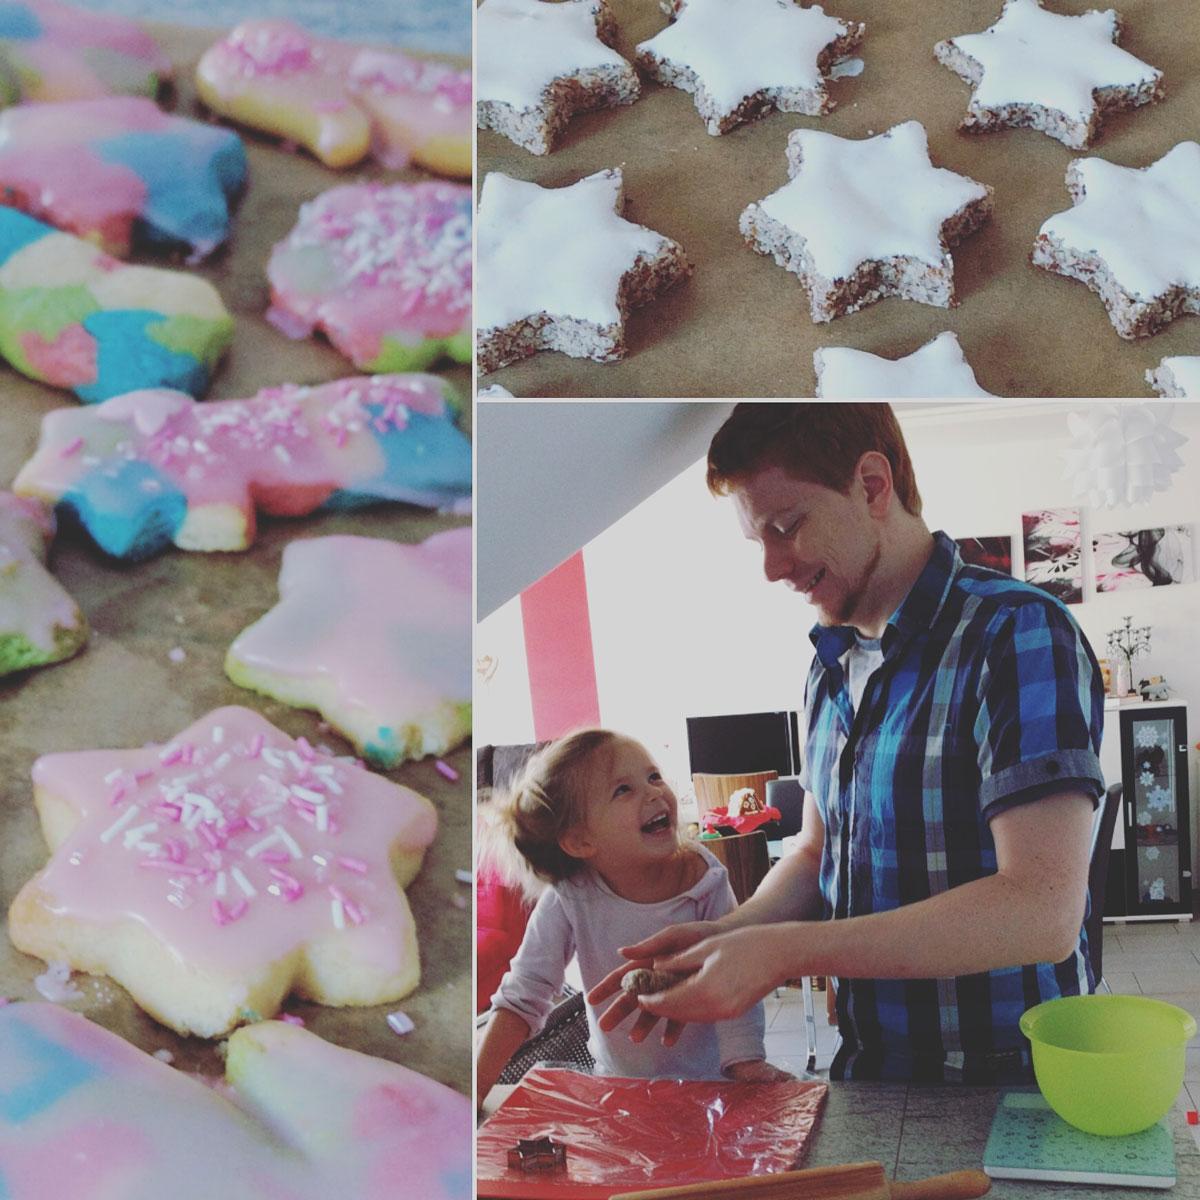 kekse-backen-mit-claire